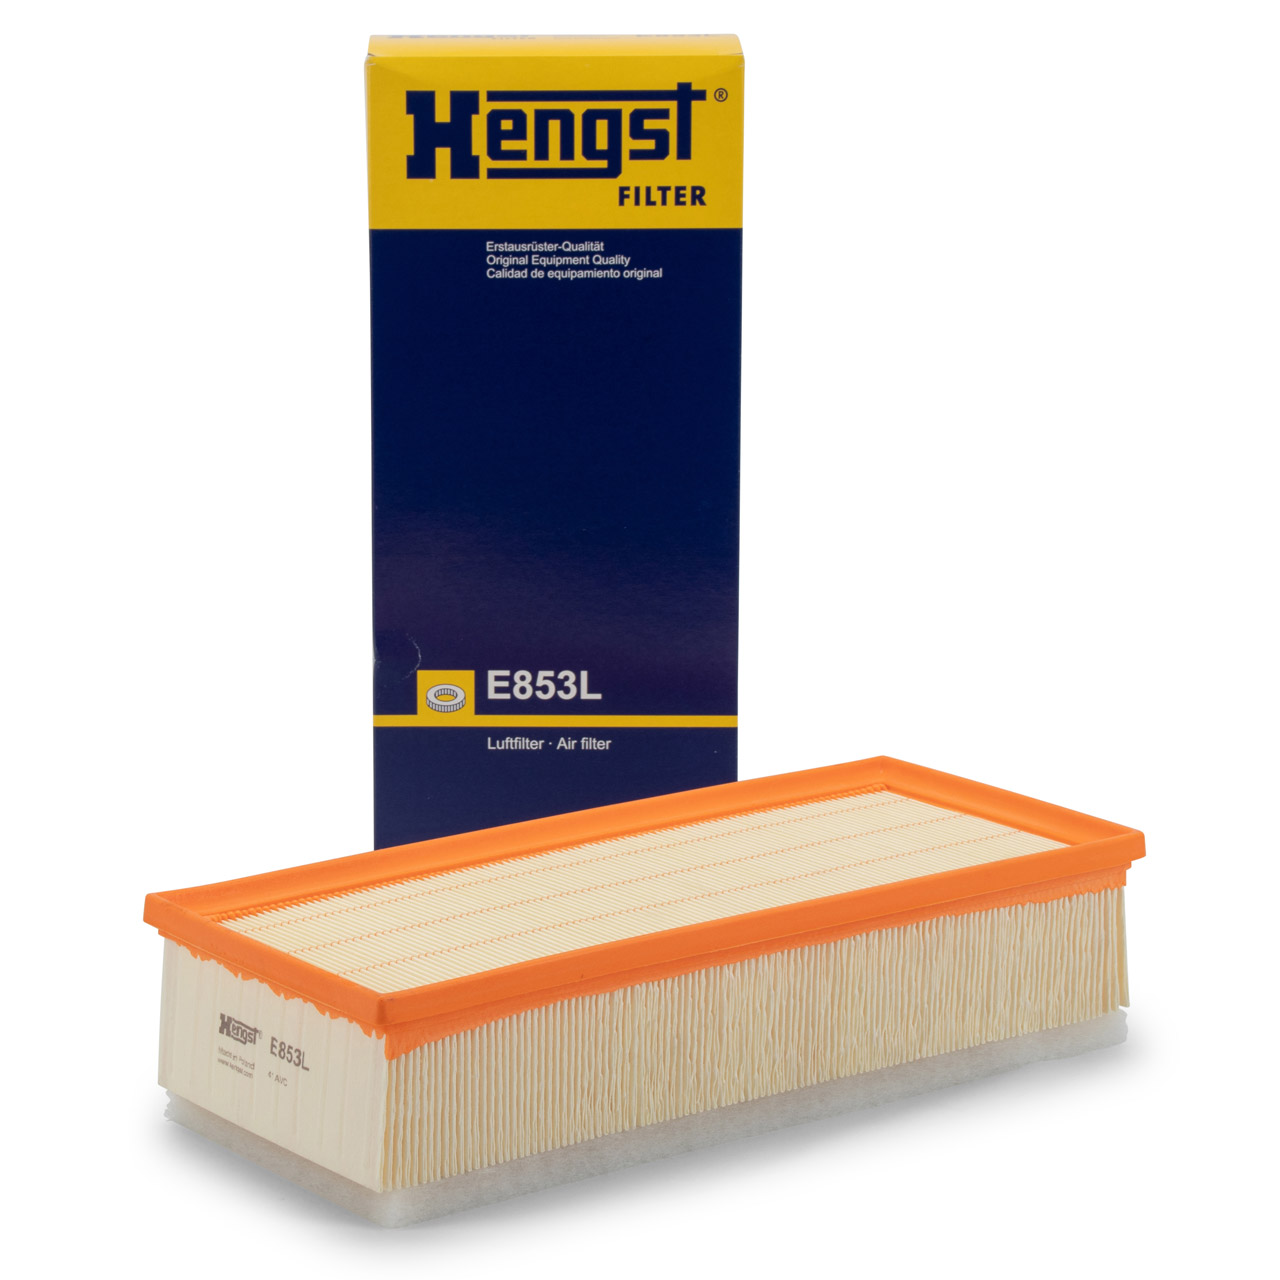 HENGST E853L Luftfilter Motorluft CITROEN C8 Jumpy PEUGEOT 807 Expert 2.0-2.2 HDi